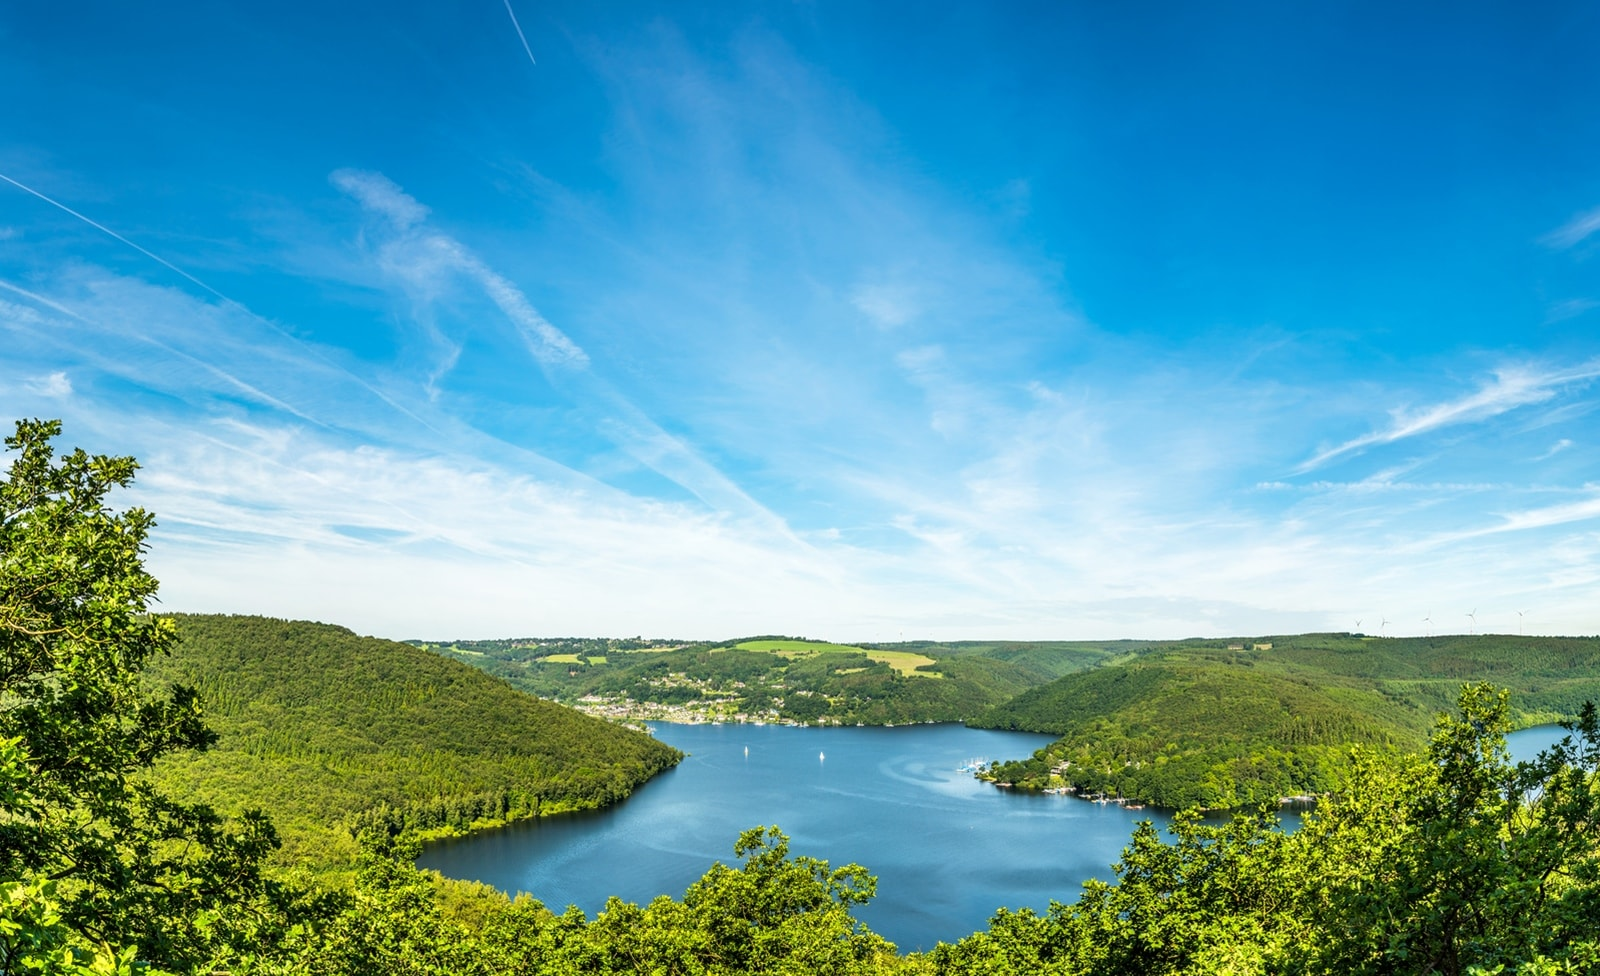 Nationalpark in Rheinland-Pfalz